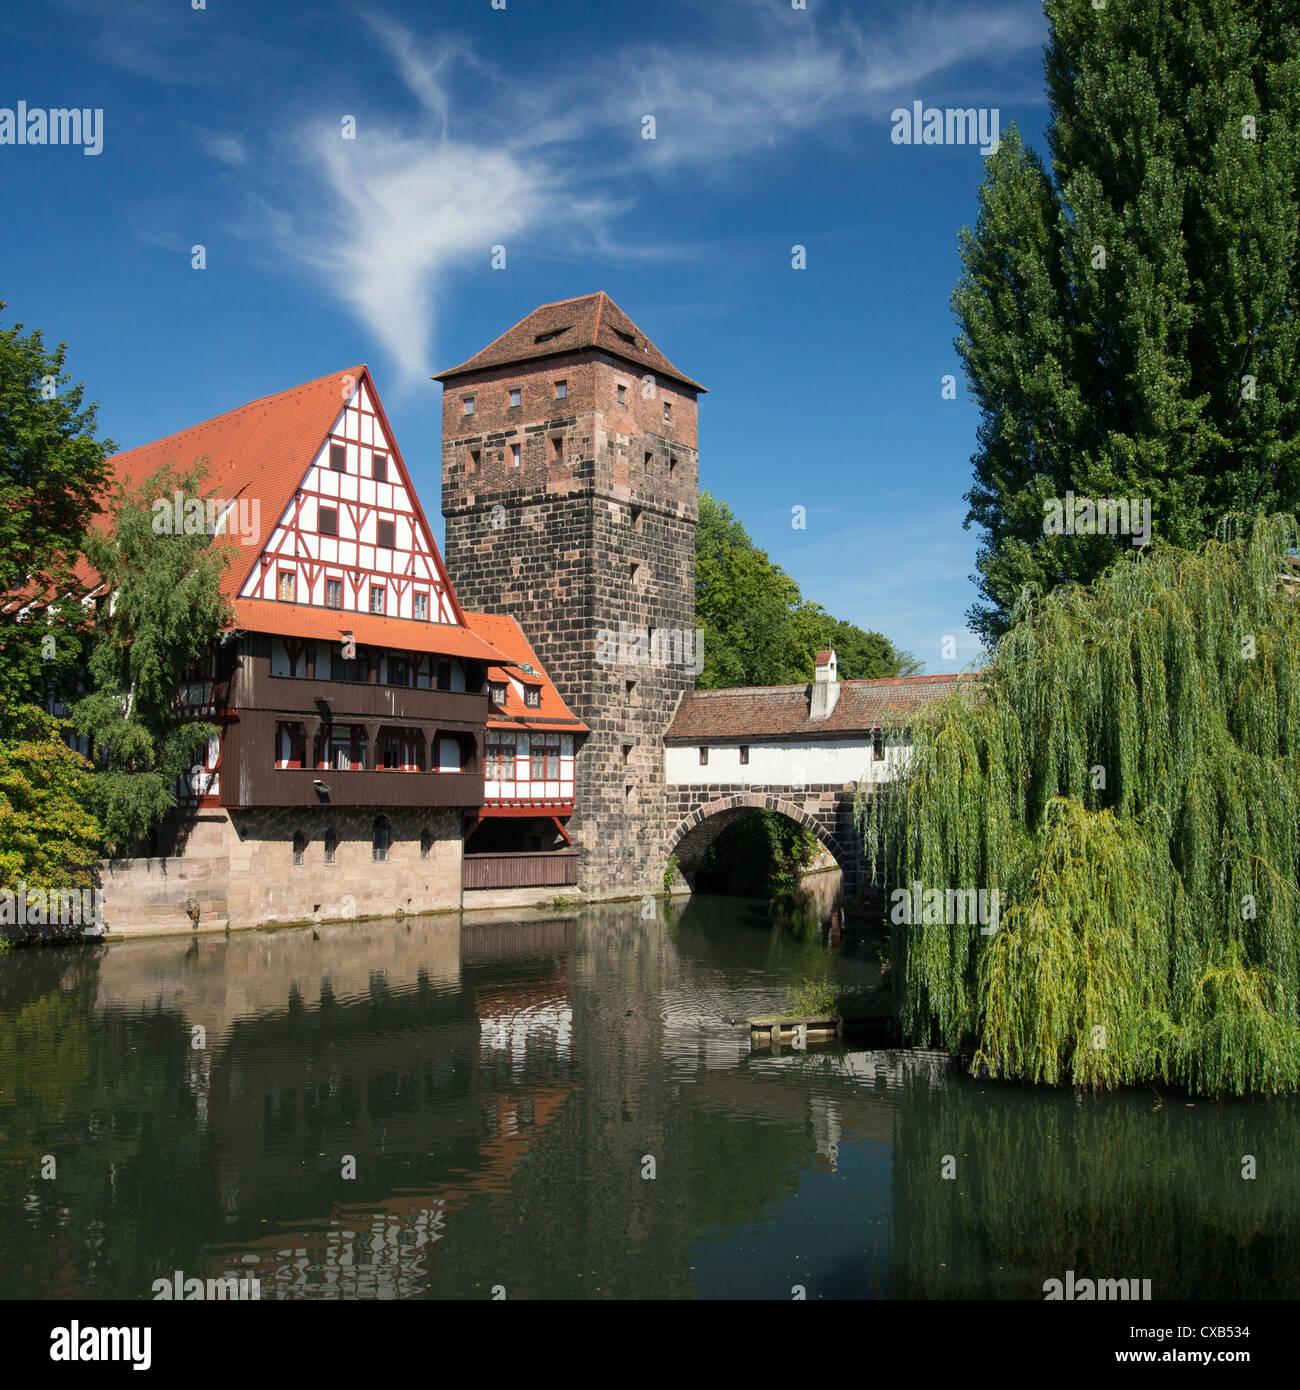 View of historic Wine Vault or Weinstadel, water tower and Hangman's Way or Henkersteg beside Pegnitz River - Stock Image